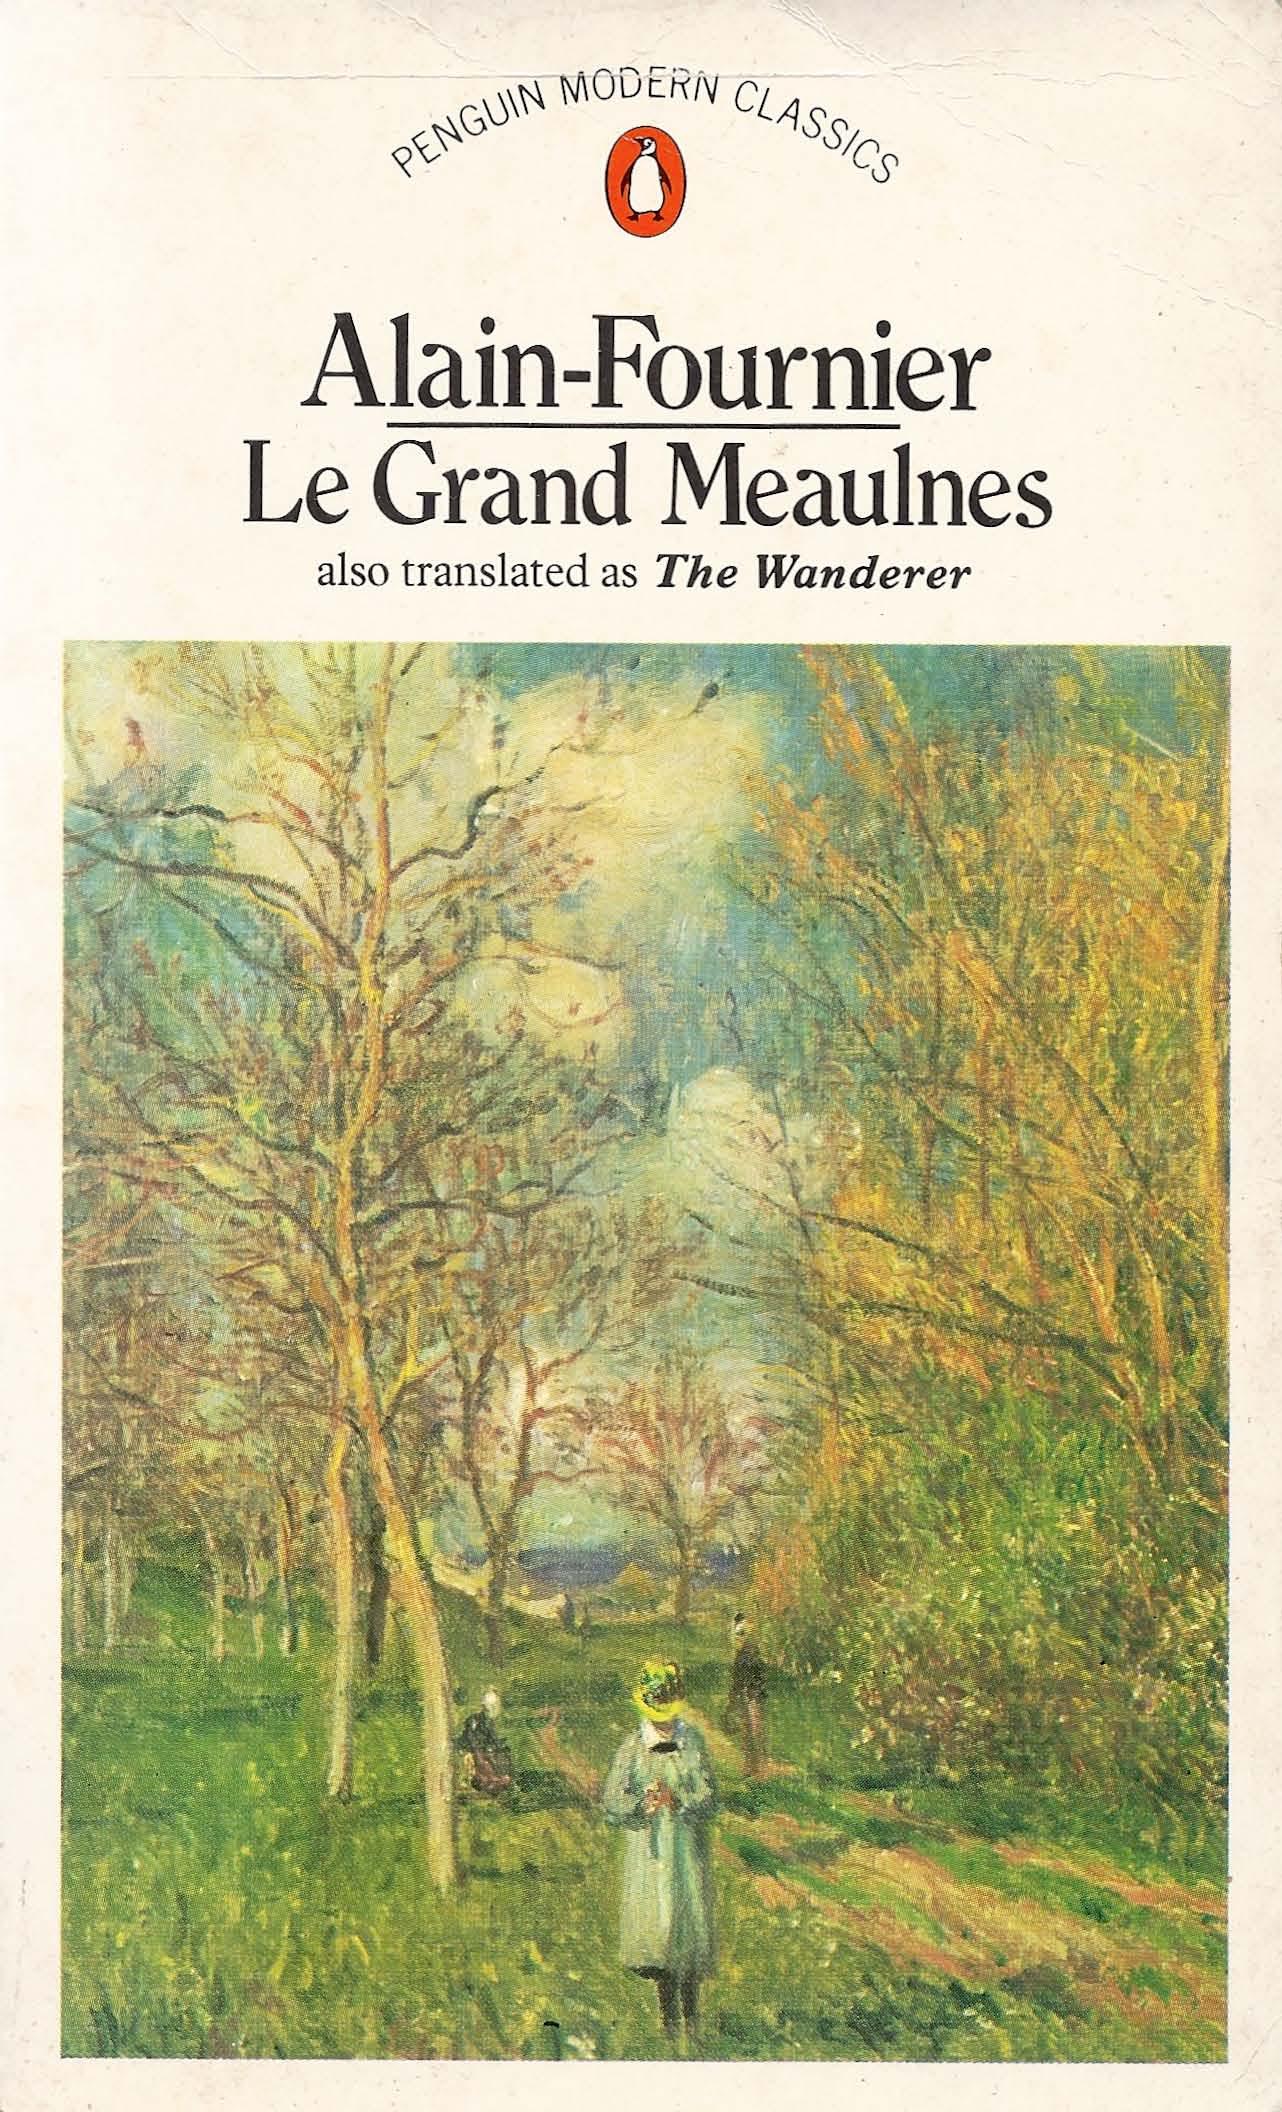 Le Grand Meaulnes Penguin 1980s